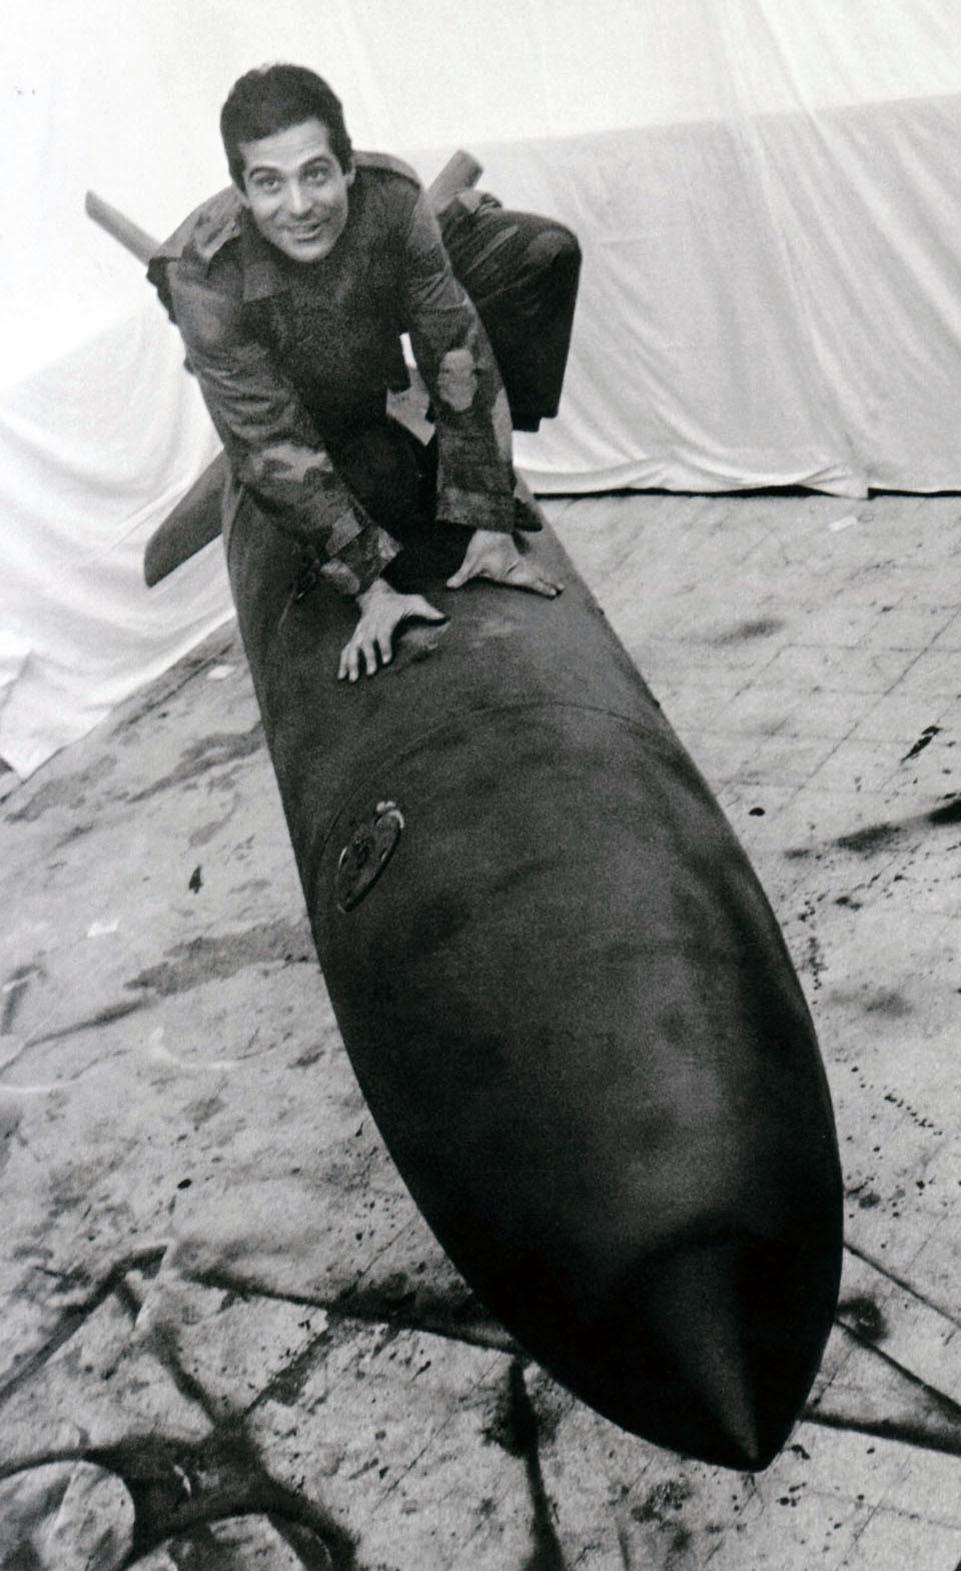 Pino Pascali, Missile